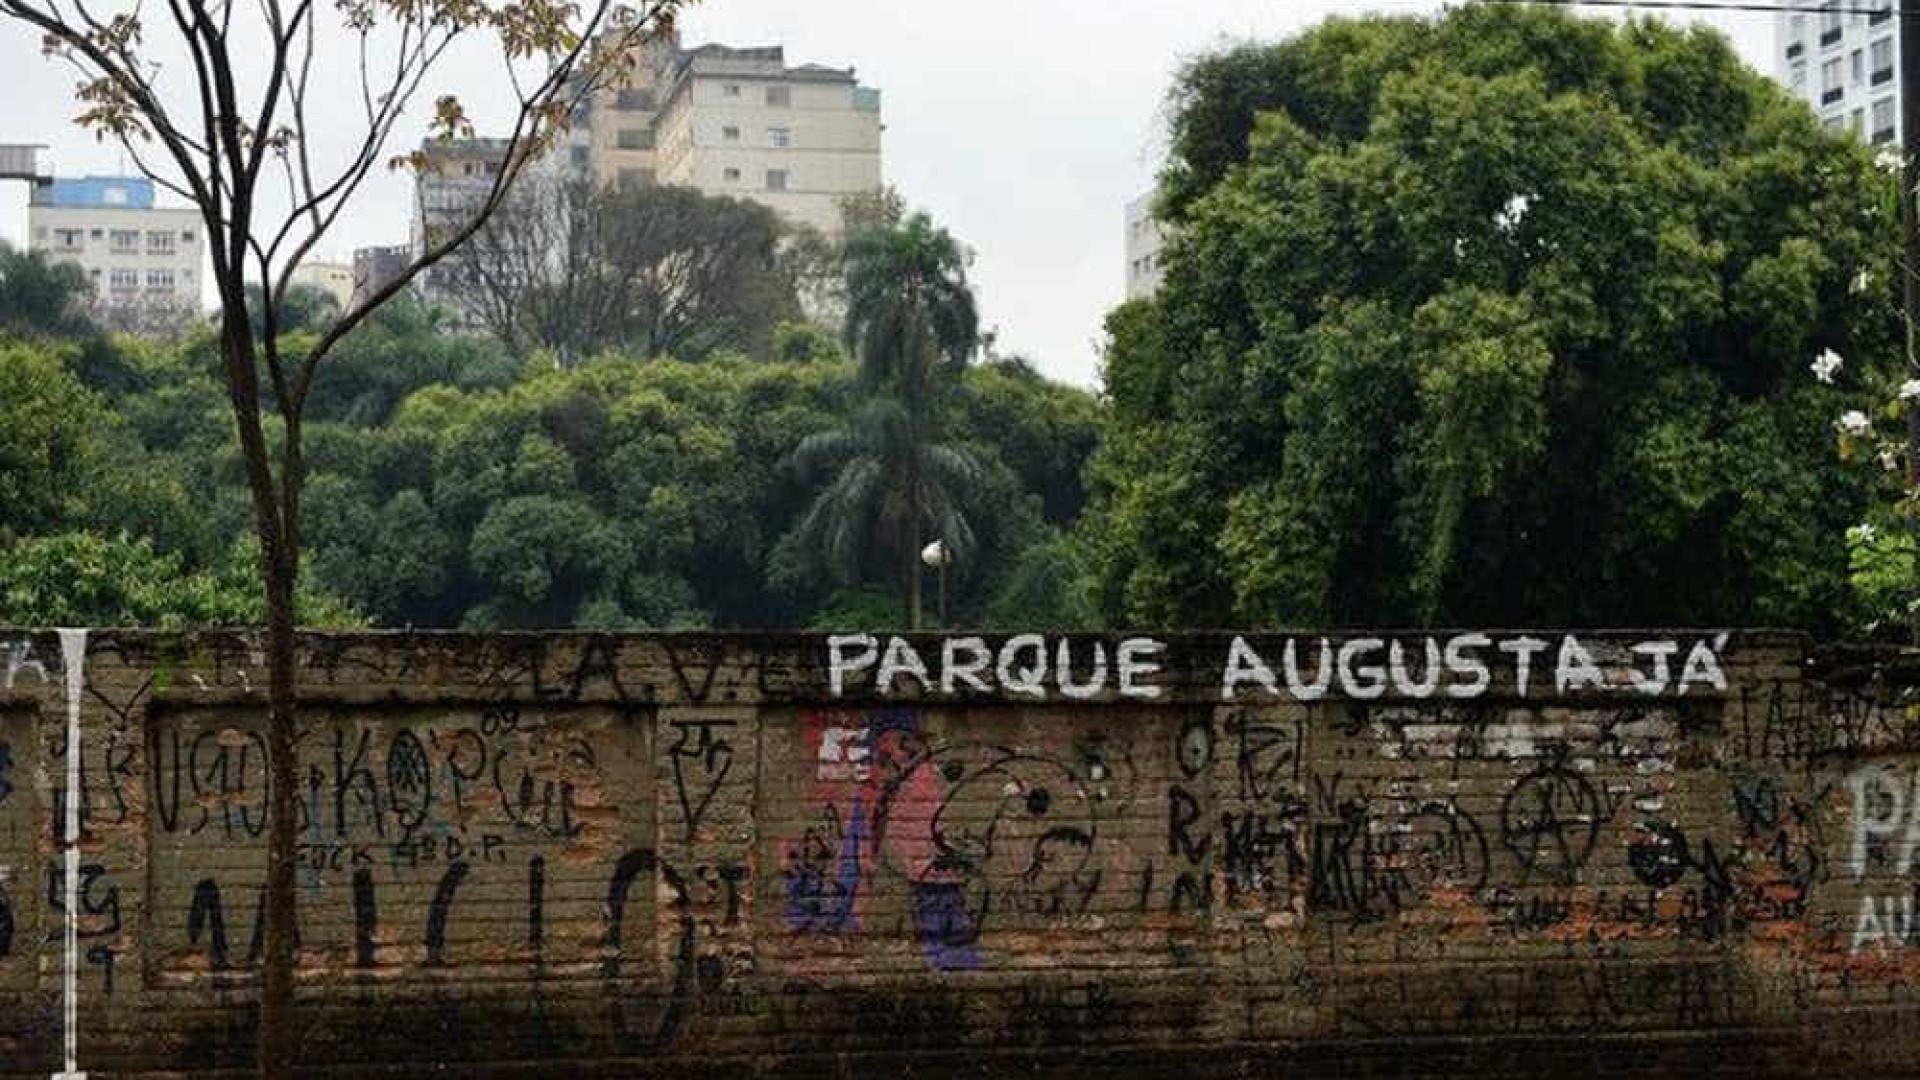 'Não somos poucos', dizem ativistas do parque Augusta